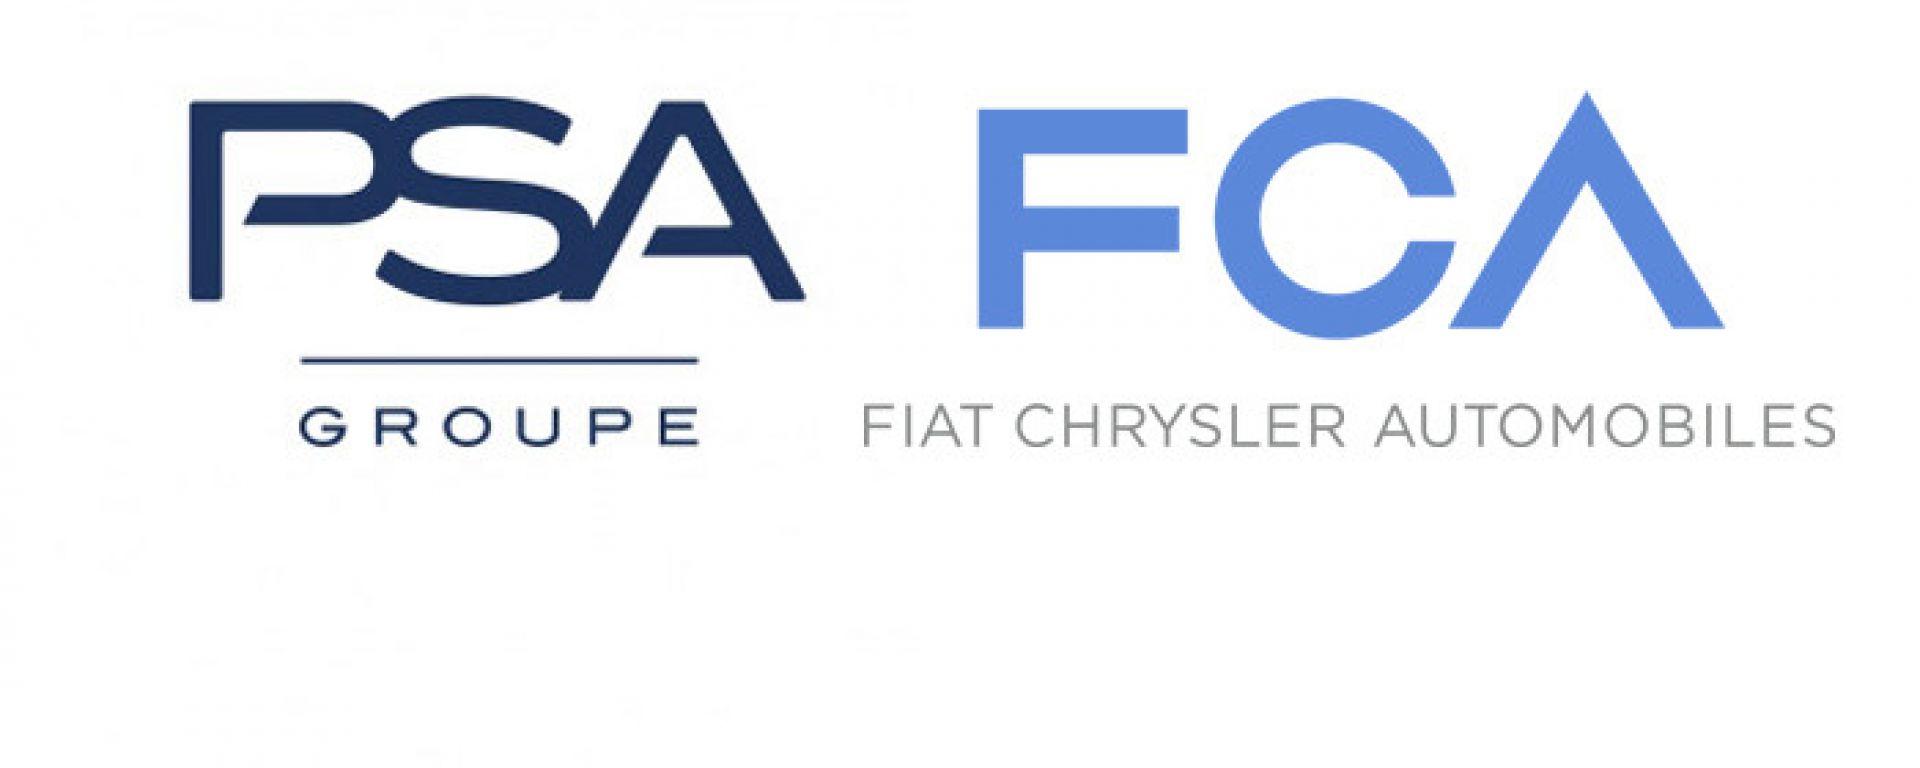 Ufficiale la fusione tra PSA e FCA